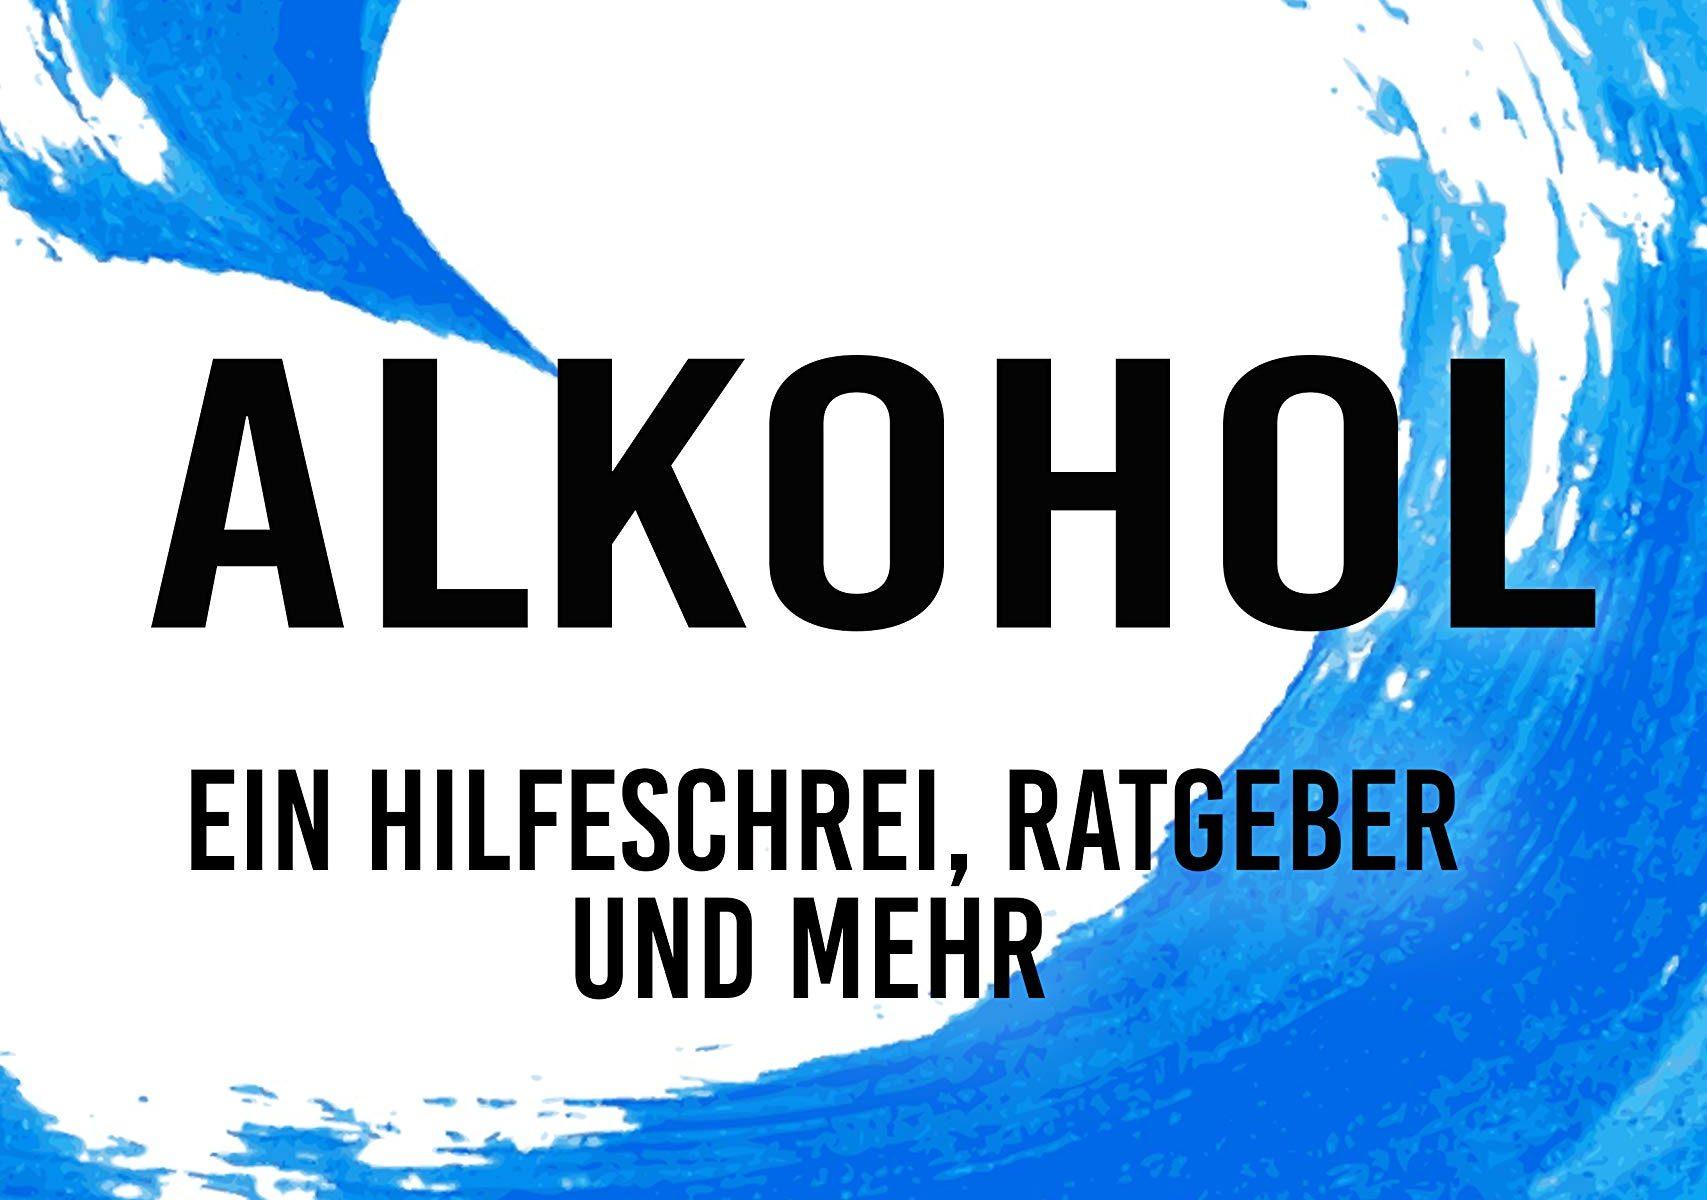 """""""Alkohol ein Hilfeschrei Ratgeber und mehr"""" - das aktuelle Buch von Burkhard Thom"""